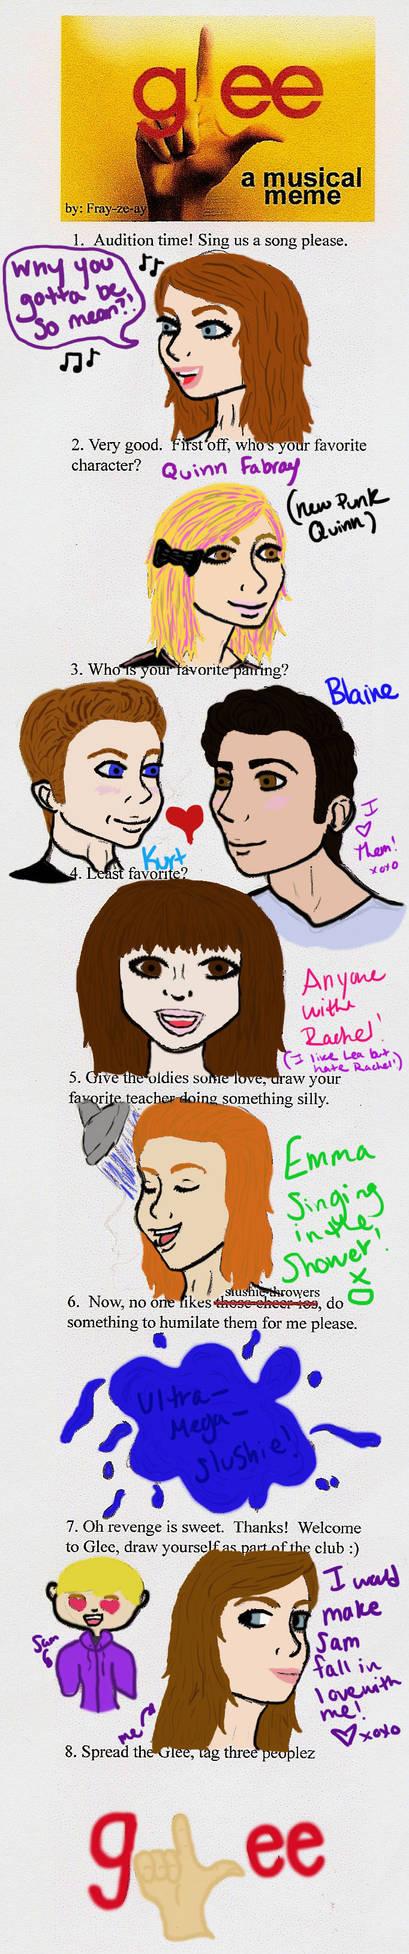 Glee Meme